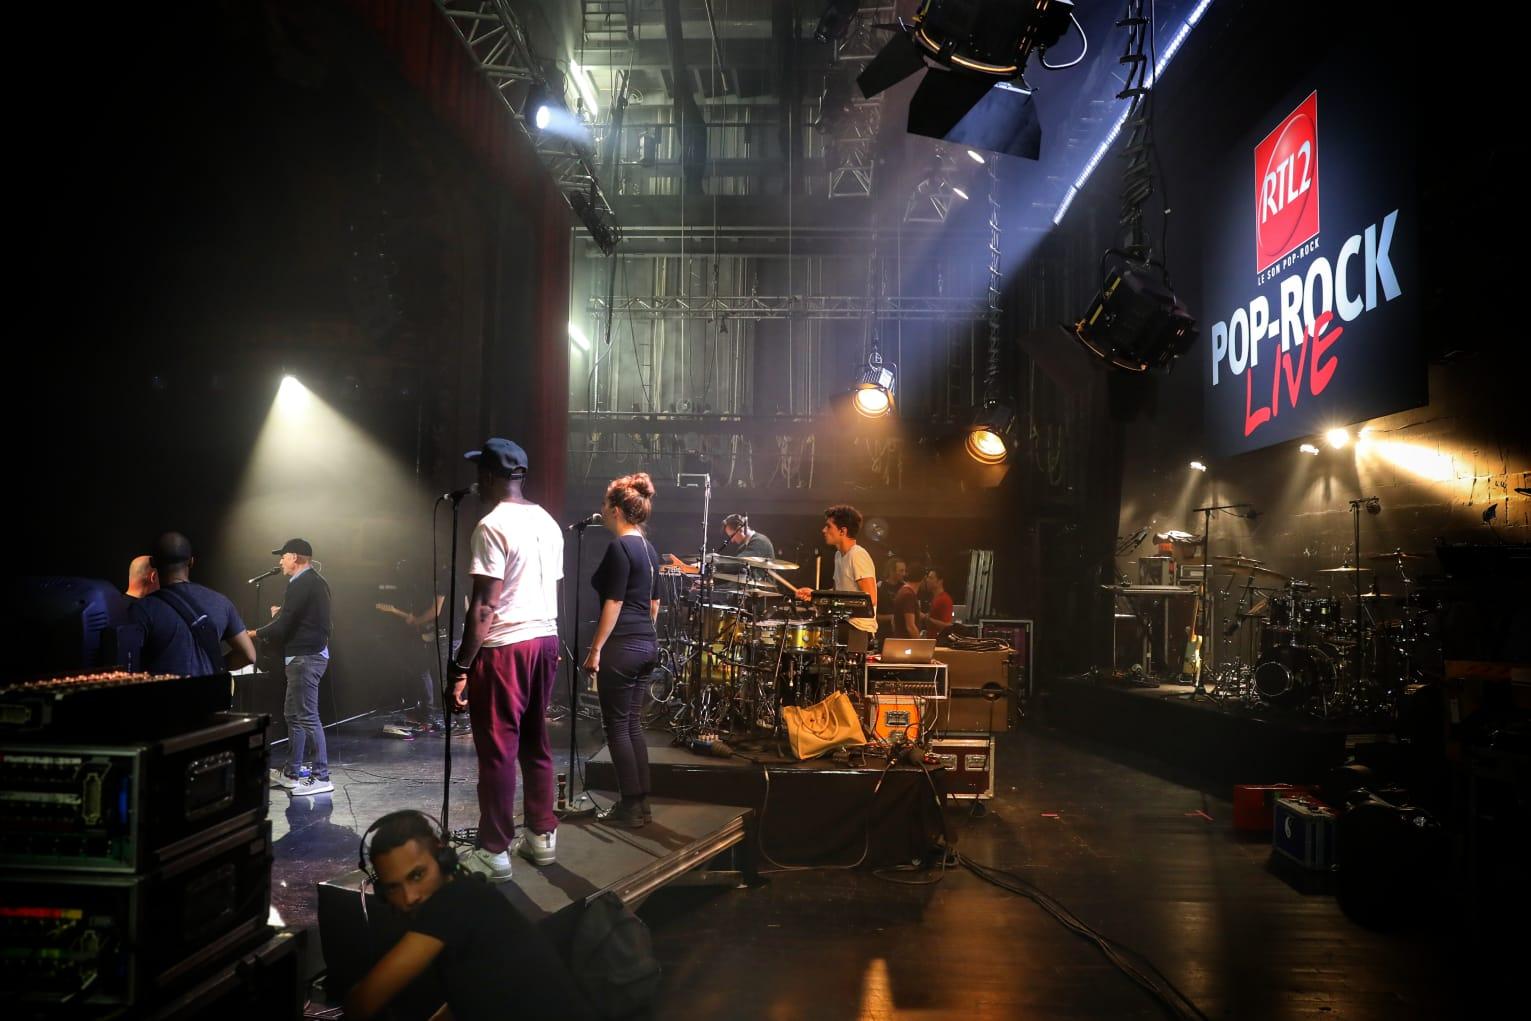 RTL2 Pop-Rock Live au Trianon, les répétitions